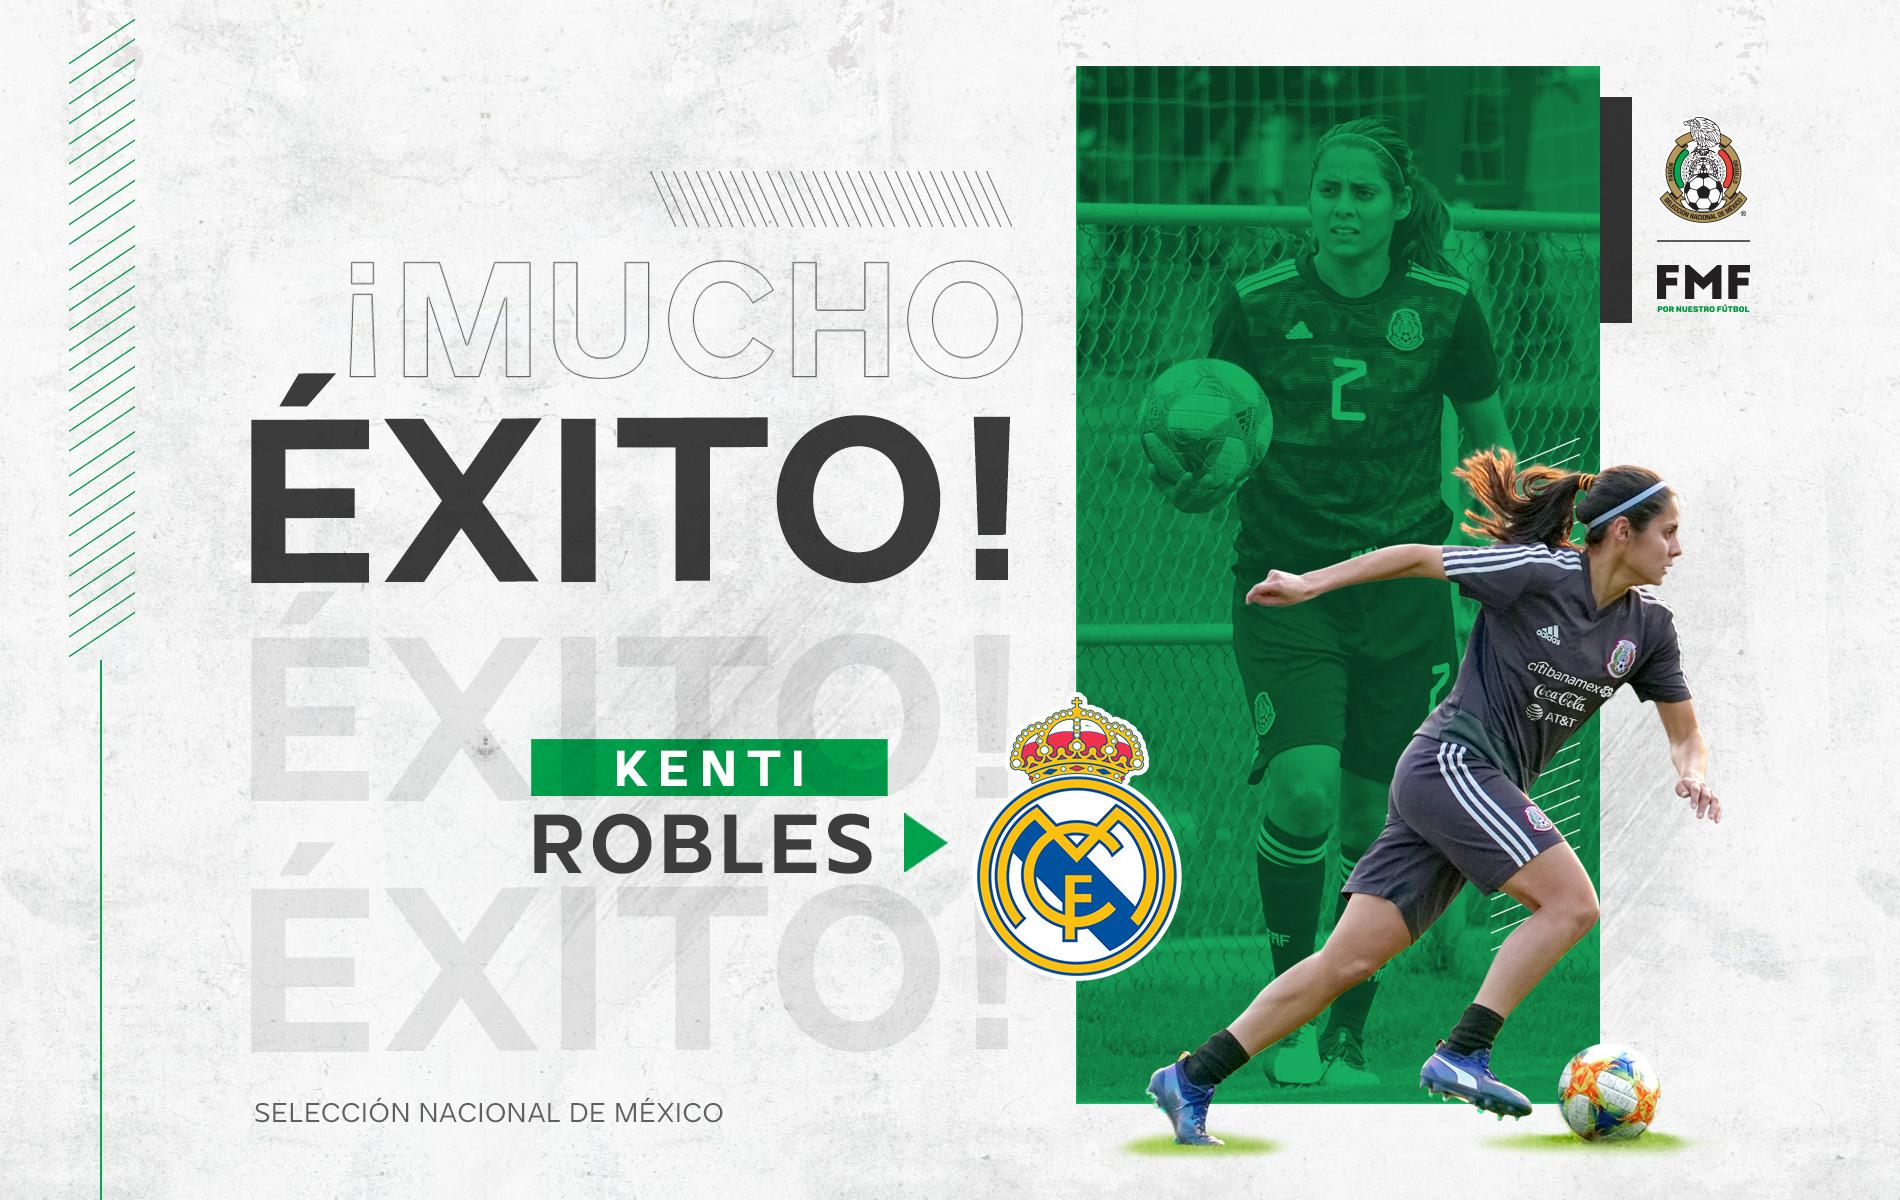 Kenti Robles jugará en el Real Madrid